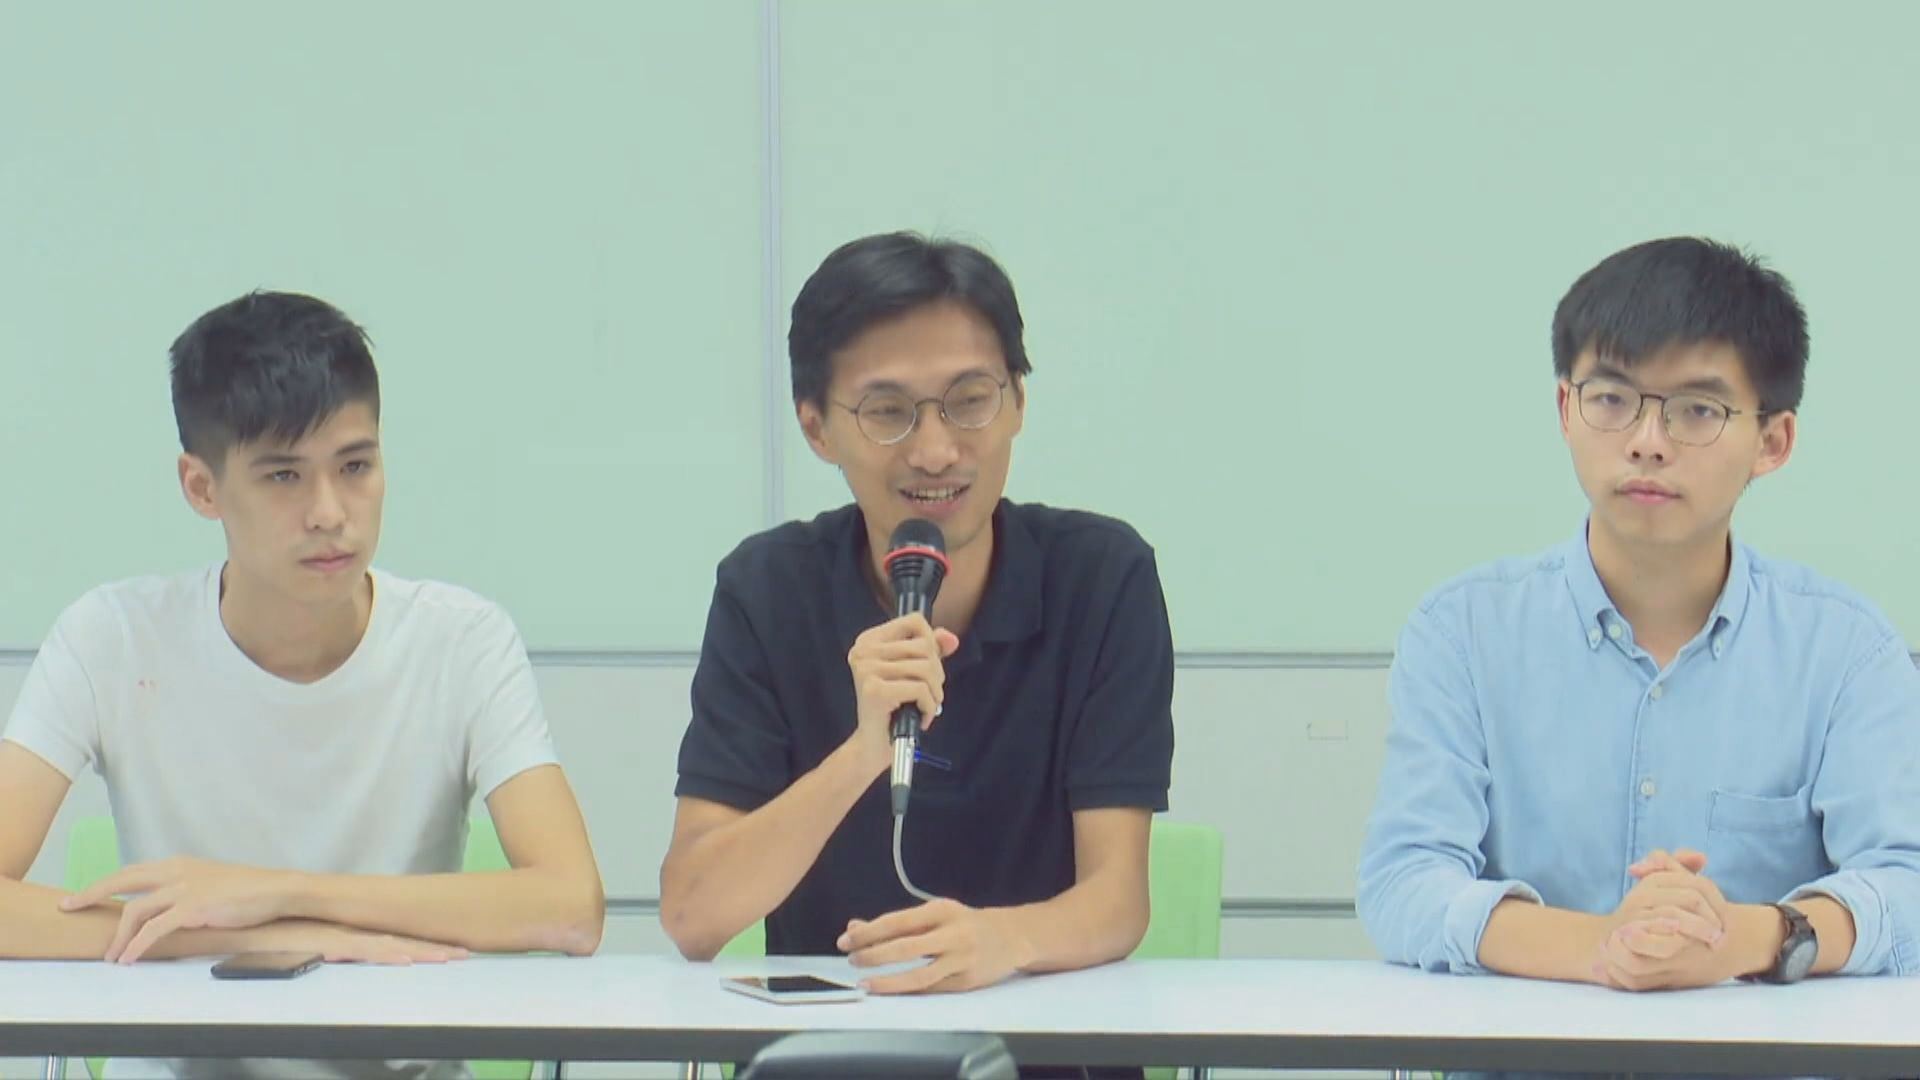 黃之鋒等三人到台灣講述香港情況